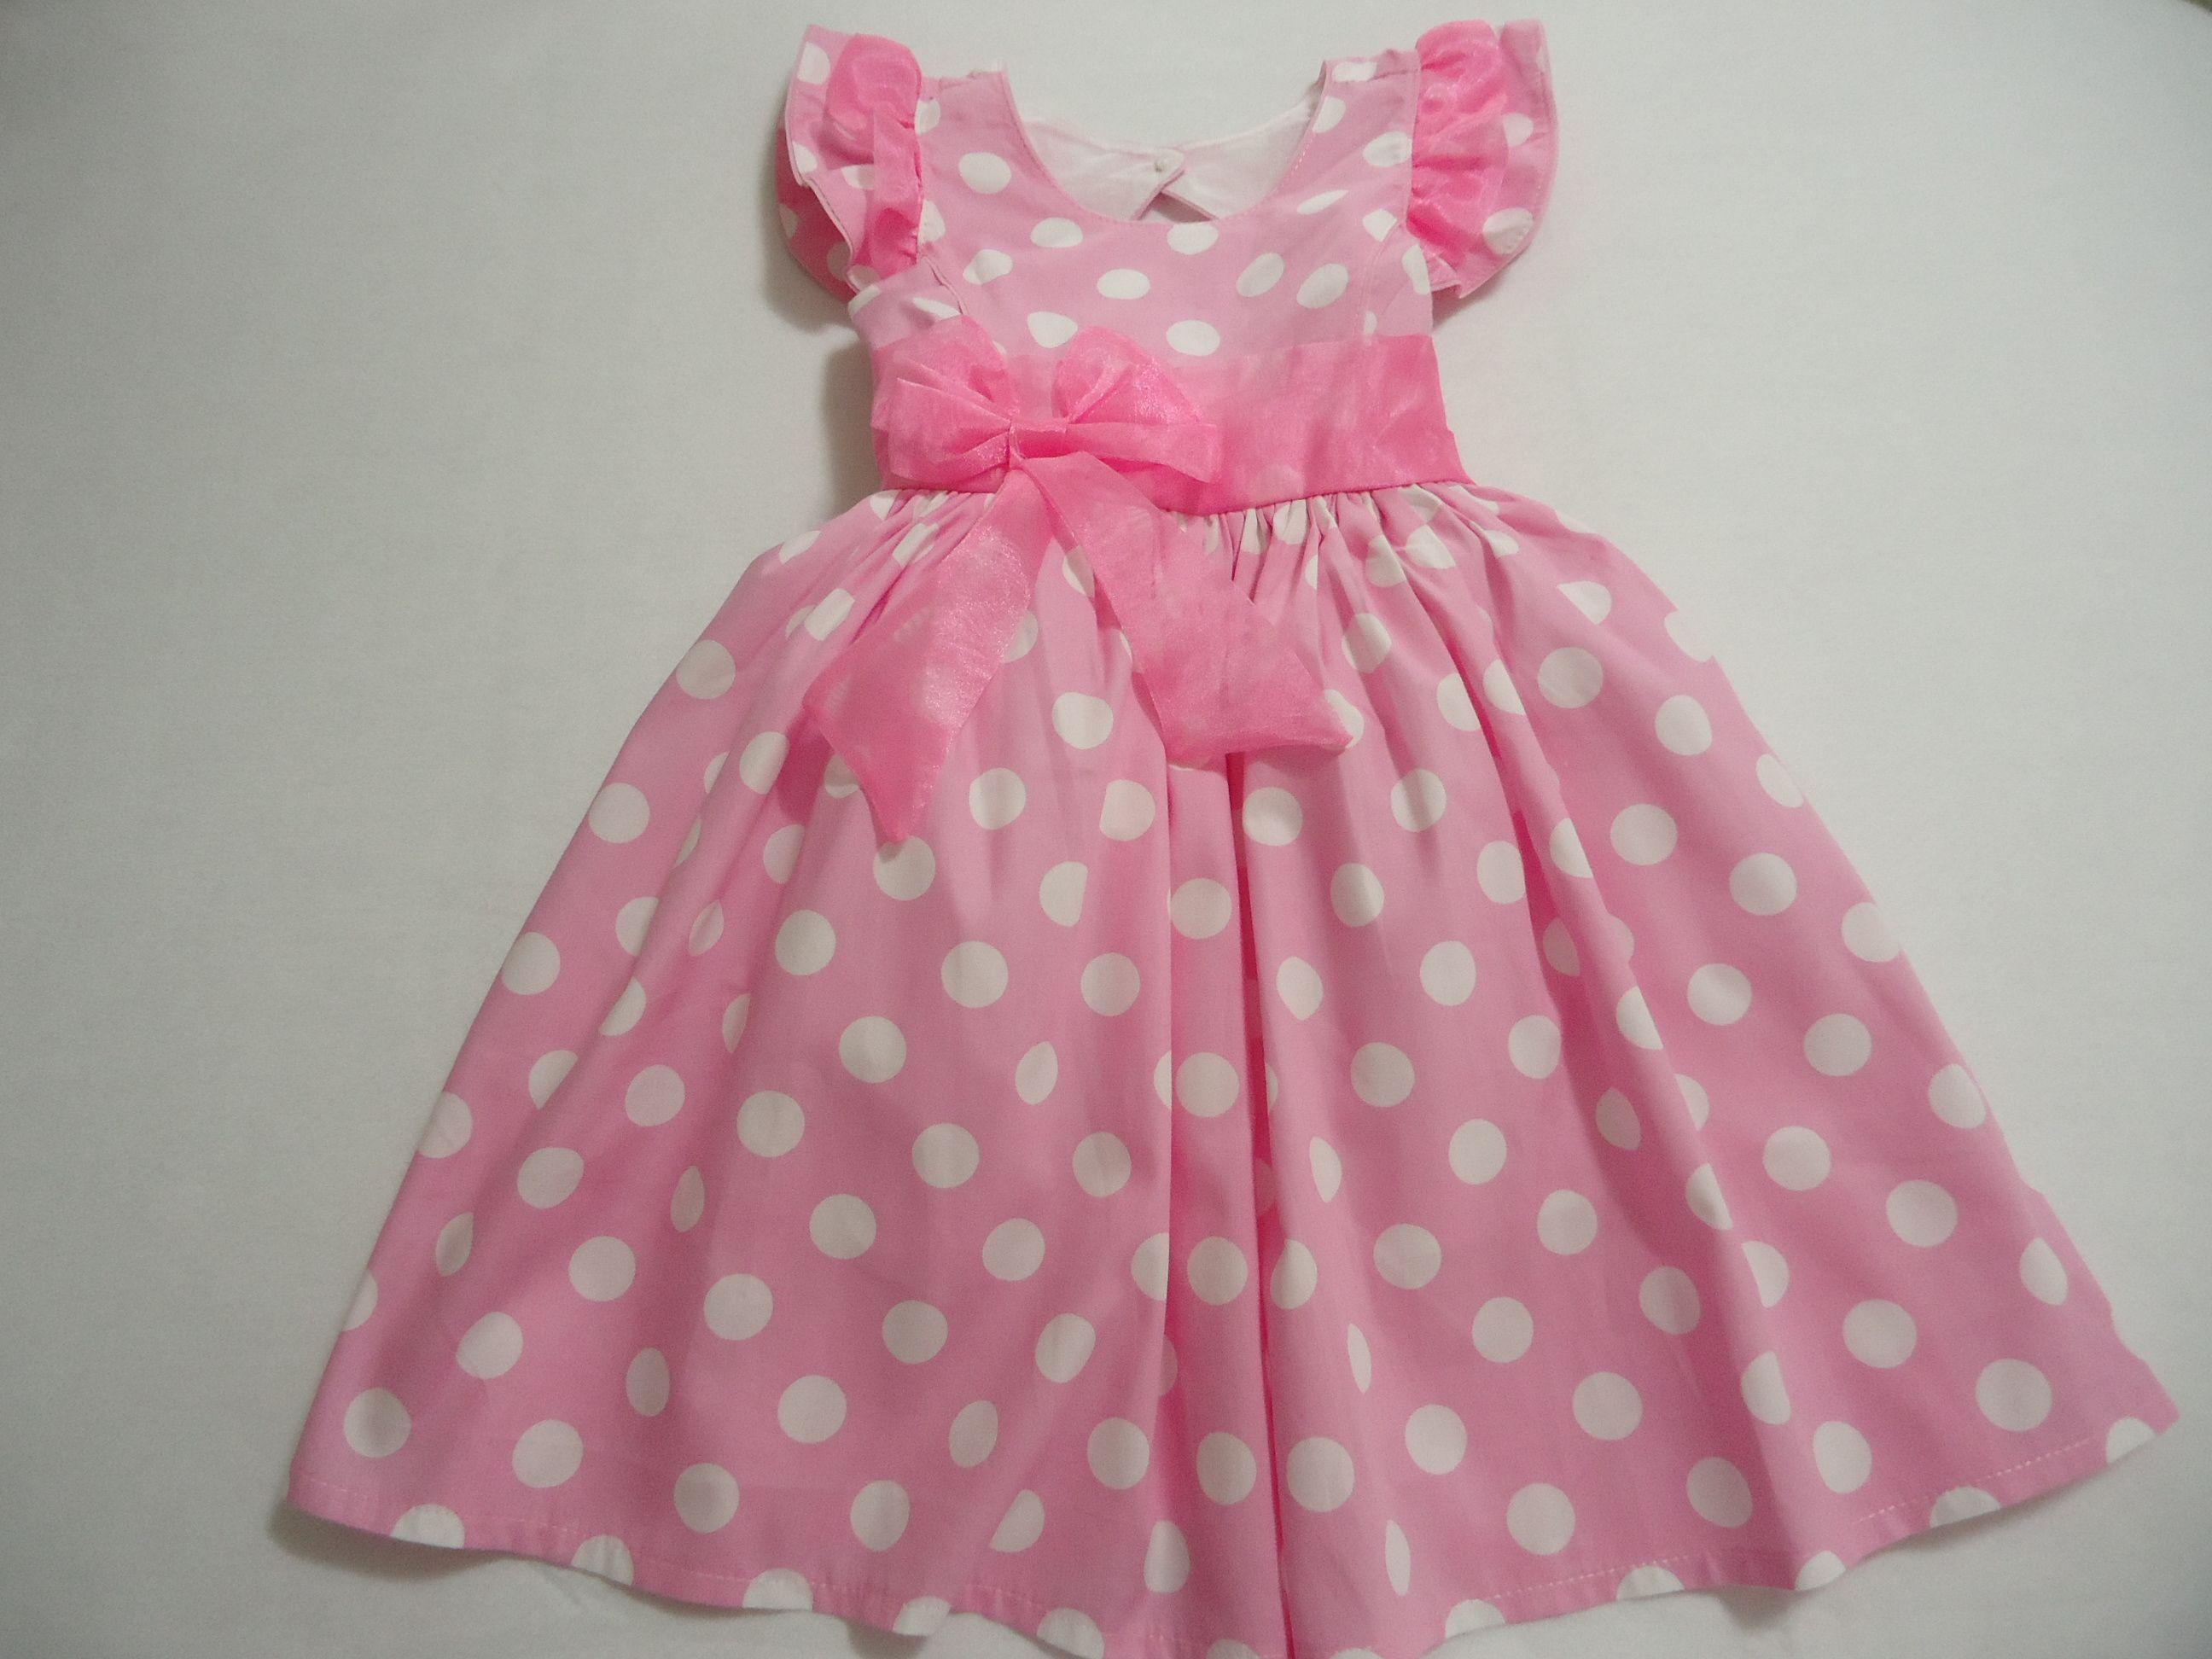 Vestidos-rosas-de-bebé-6.jpg (2592×1944) | Becky & Renny | Pinterest